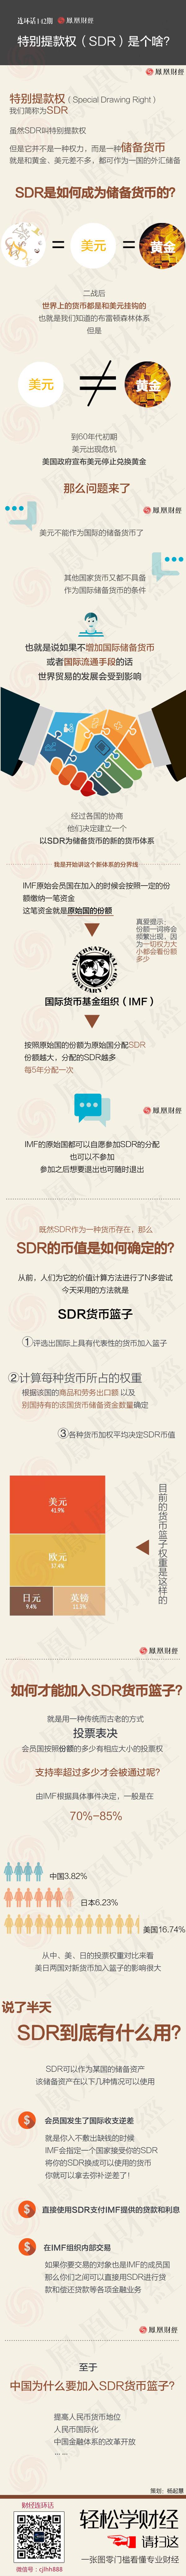 一张图看懂特别提款权(SDR)究竟是什么? - 小美 - xing1969wuw的博客